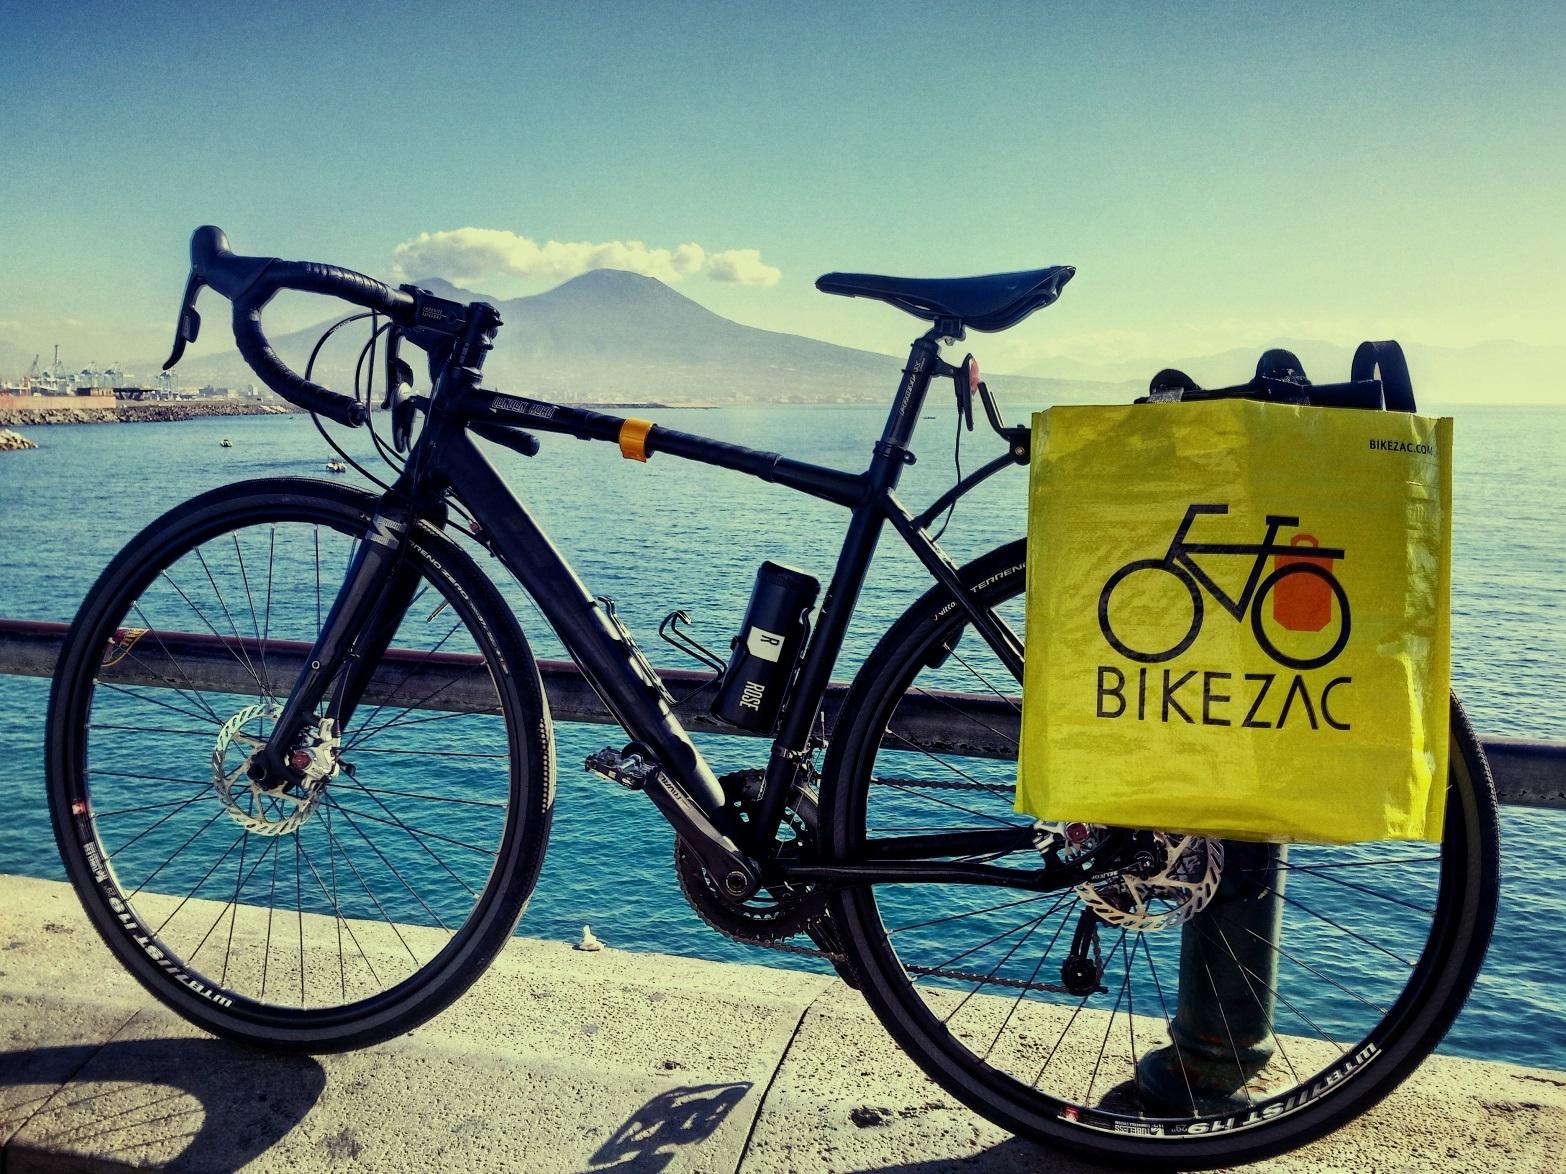 13860-Bikezac-88